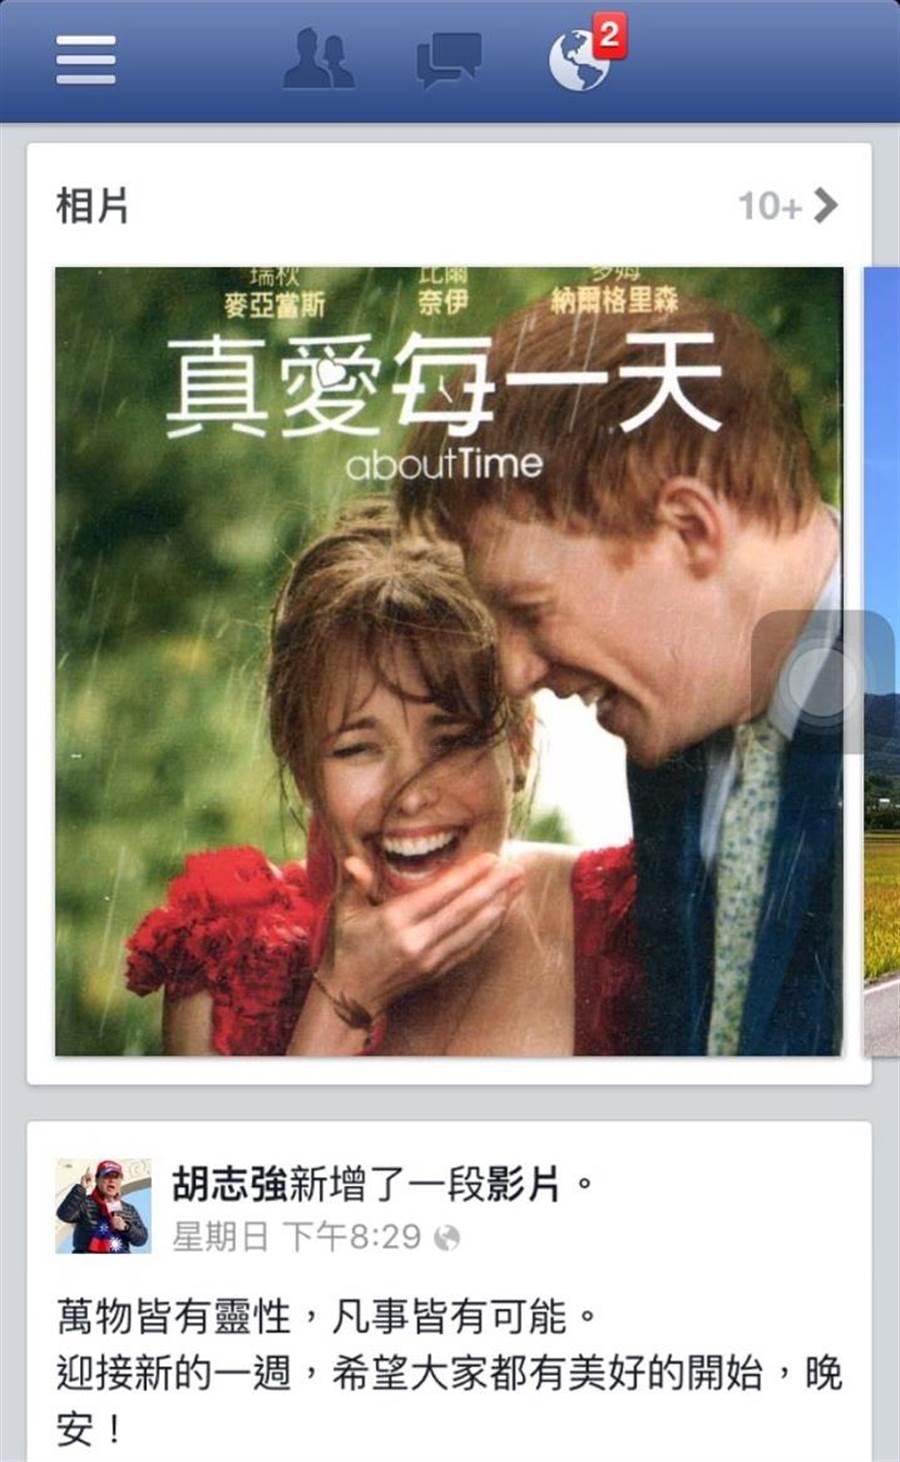 前台中市長胡志強日前在臉書PO上《真愛每一天 About time》電影劇照,好像家有喜事的心情寫照。(翻攝臉書)